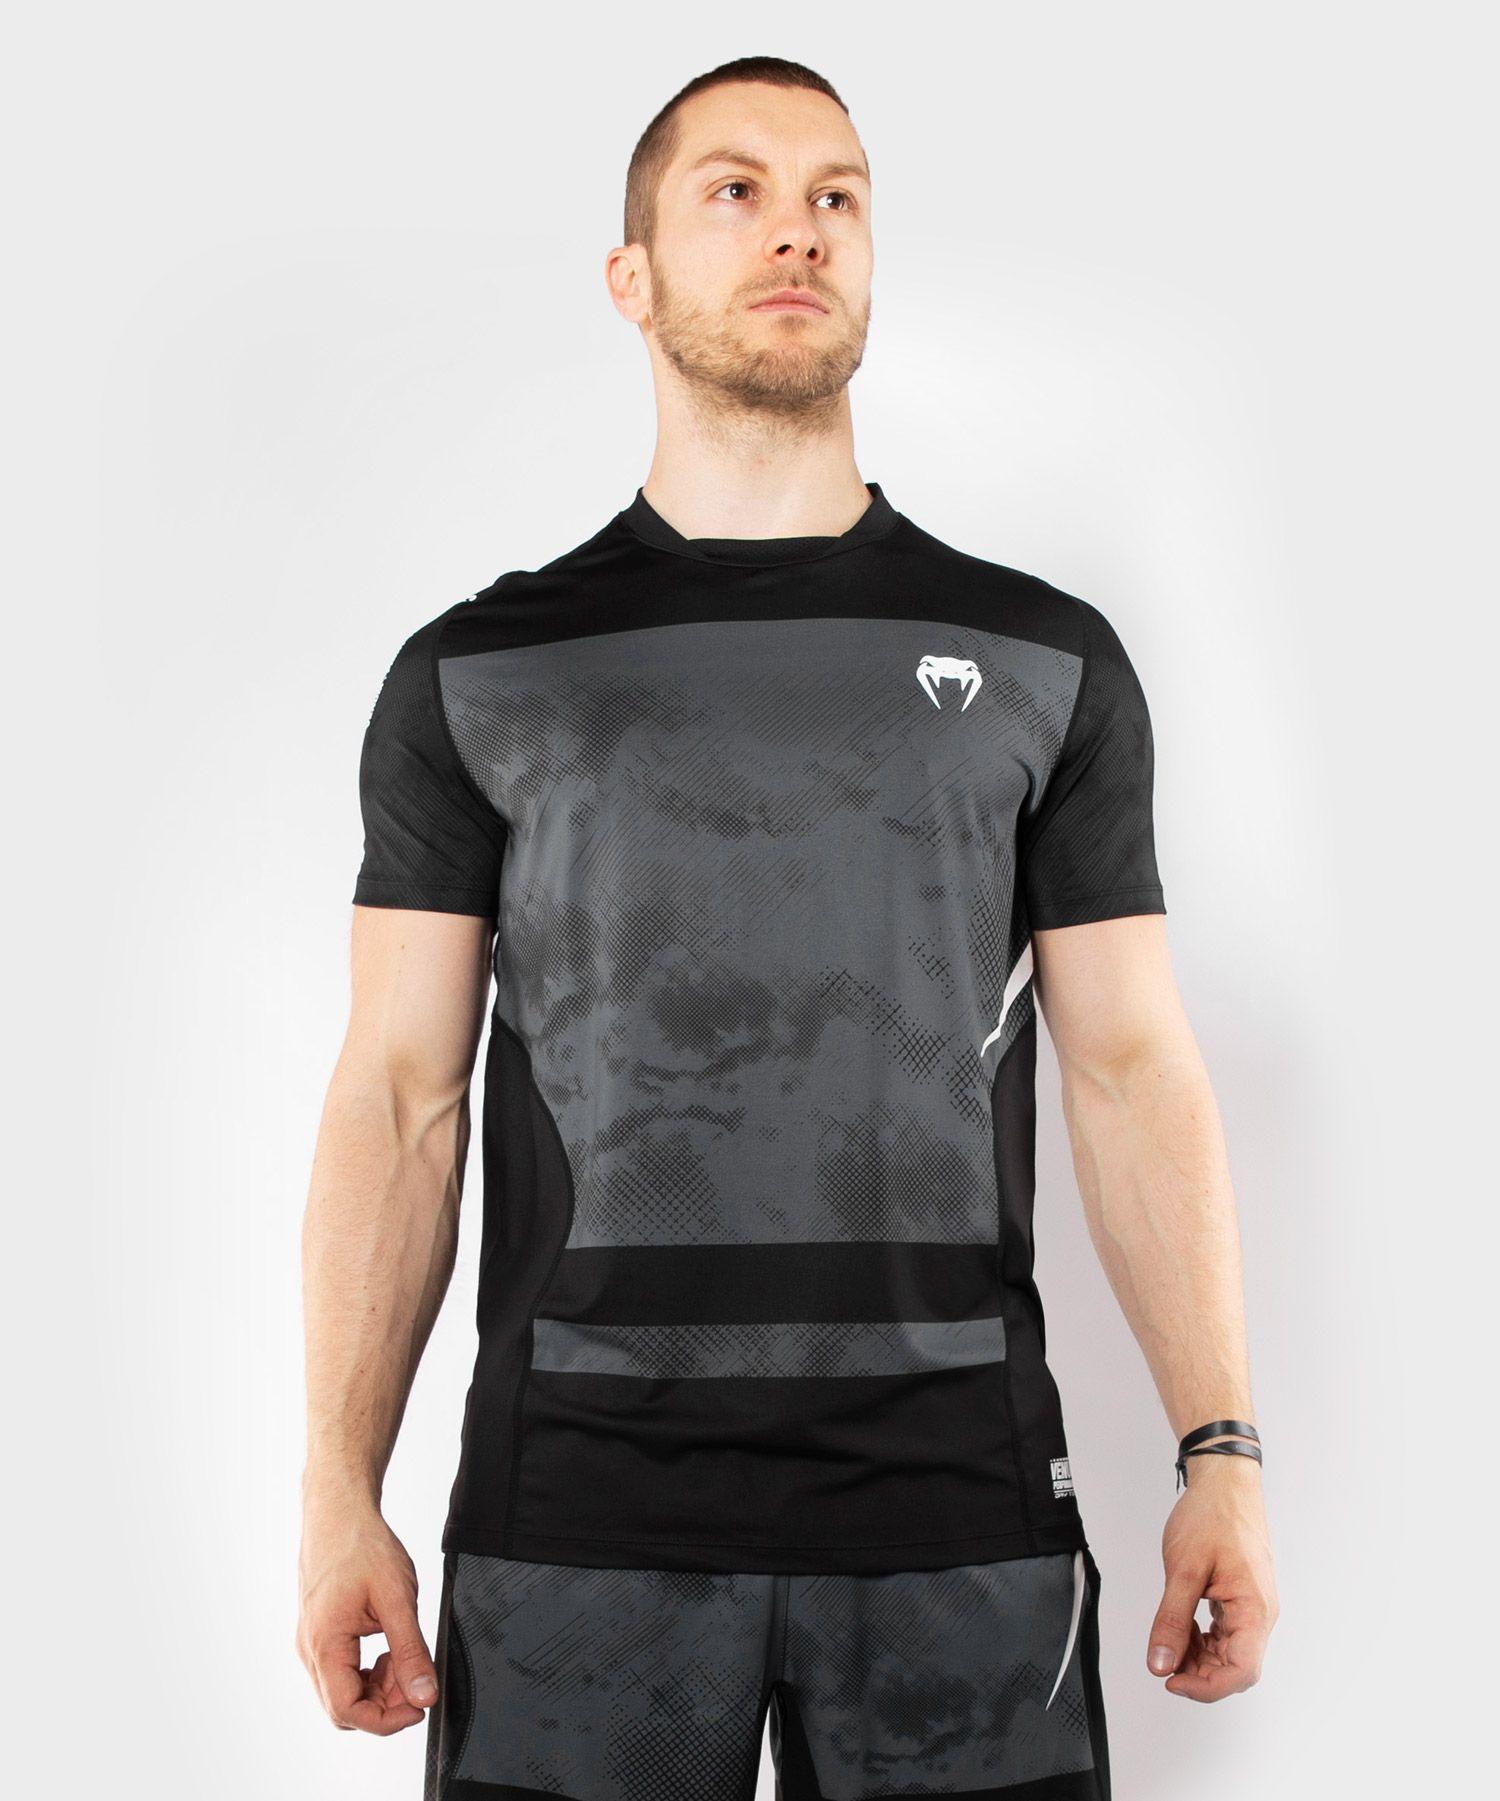 Футболка  Dry Tech Venum Sky247 - Черный/Серый